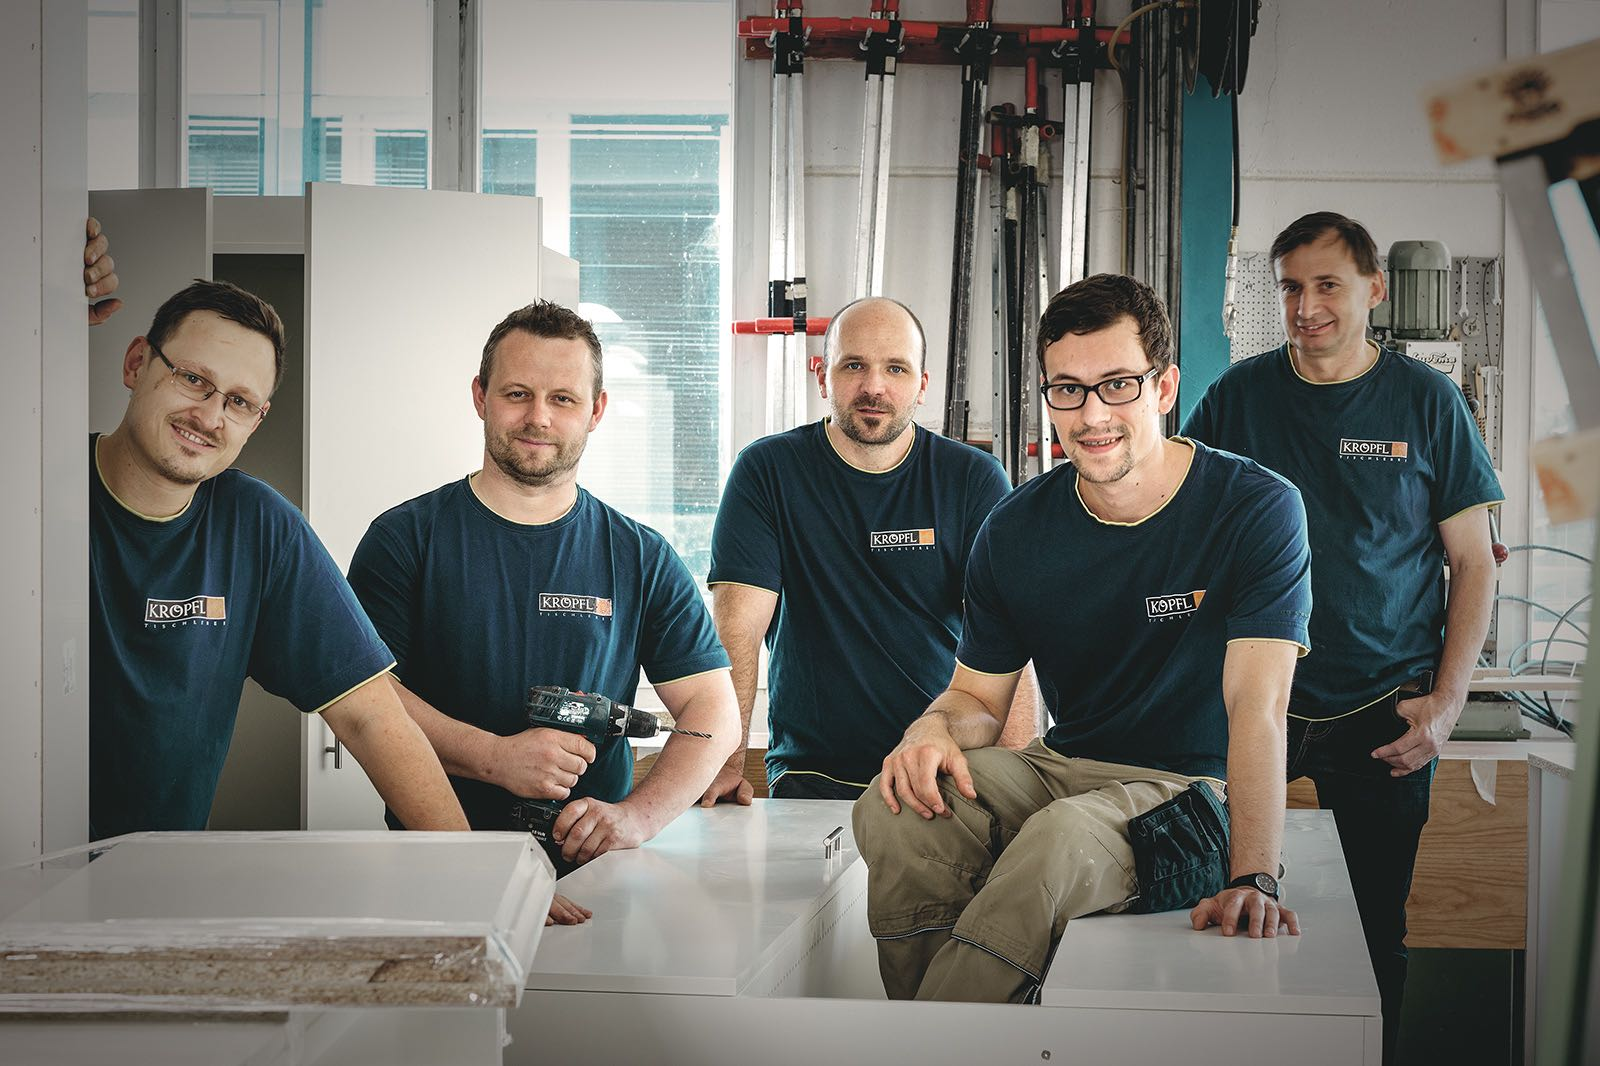 Das Kröpfl Team